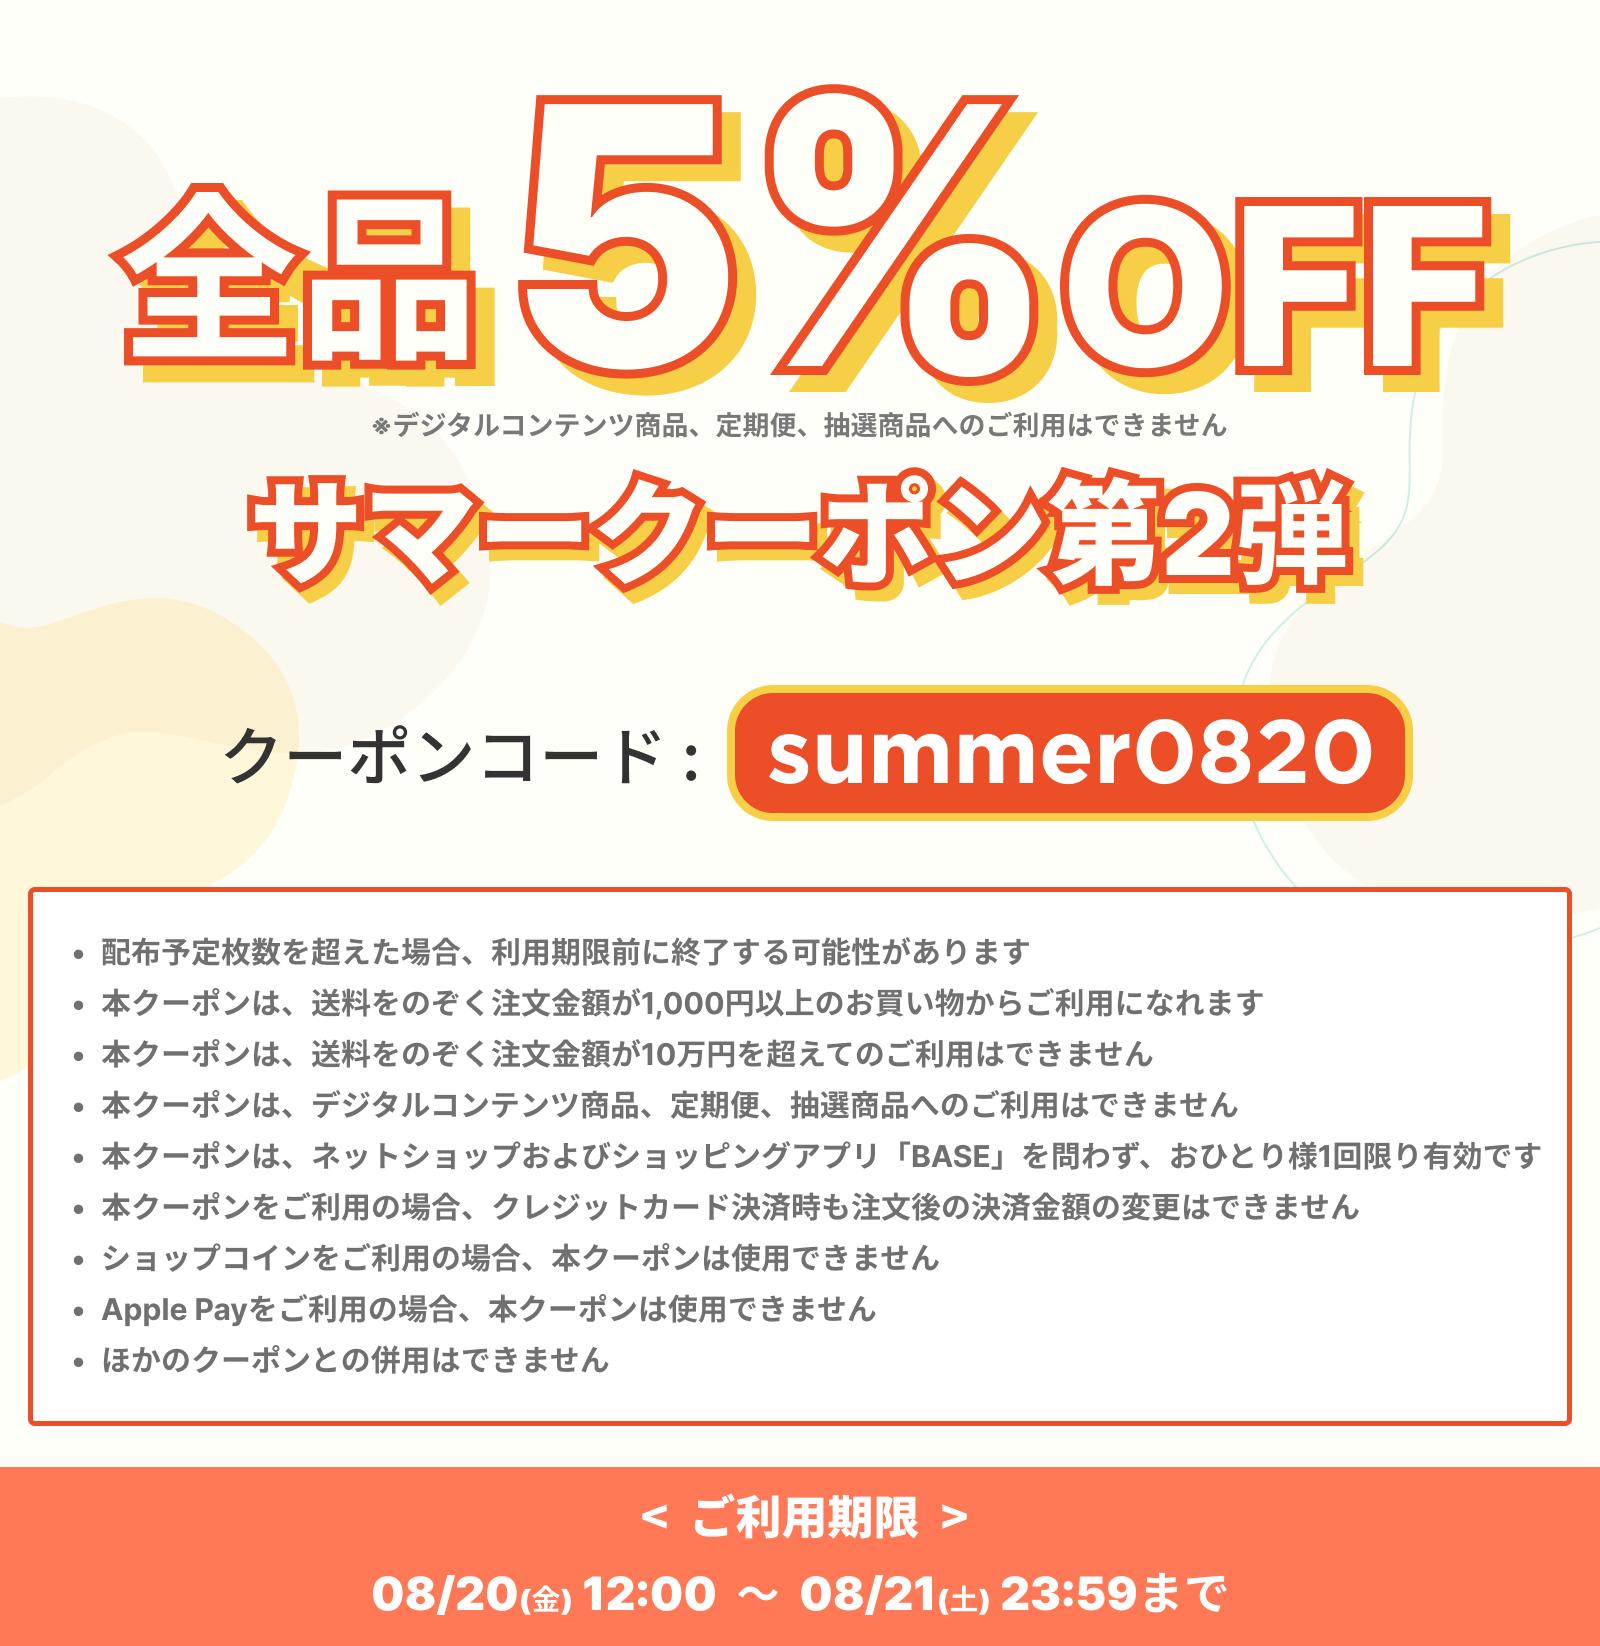 【COUPON!】8/20・21に使える全品5%OFFクーポン配布中!